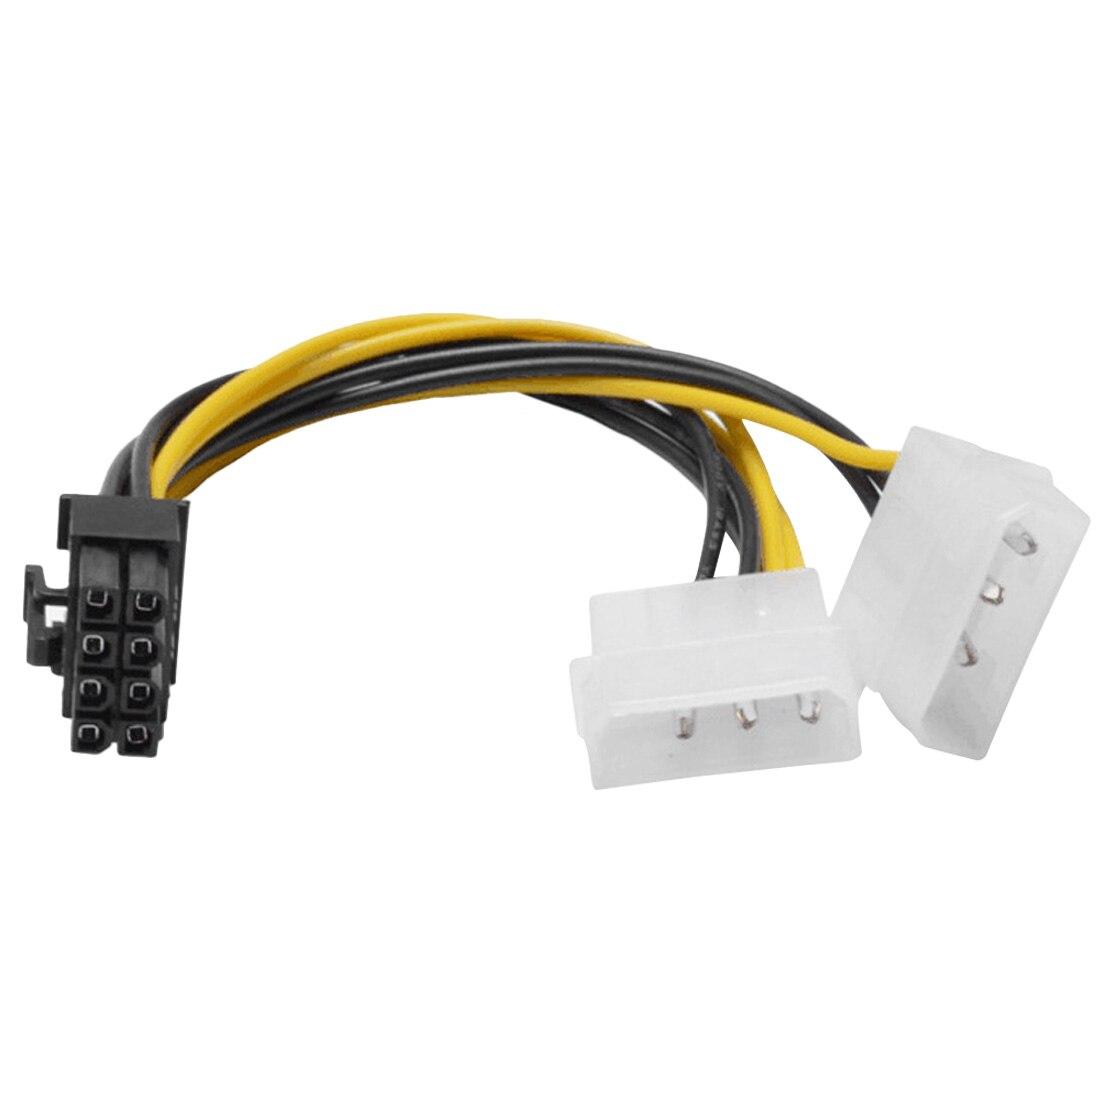 Новый Хит 6 дюймов 2 x Molex 4 pin к 8-контактный PCI Express Видеокарта Pci-e ATX PSU кабель преобразователя питания-Molex к Pcie 8-контактный адаптер